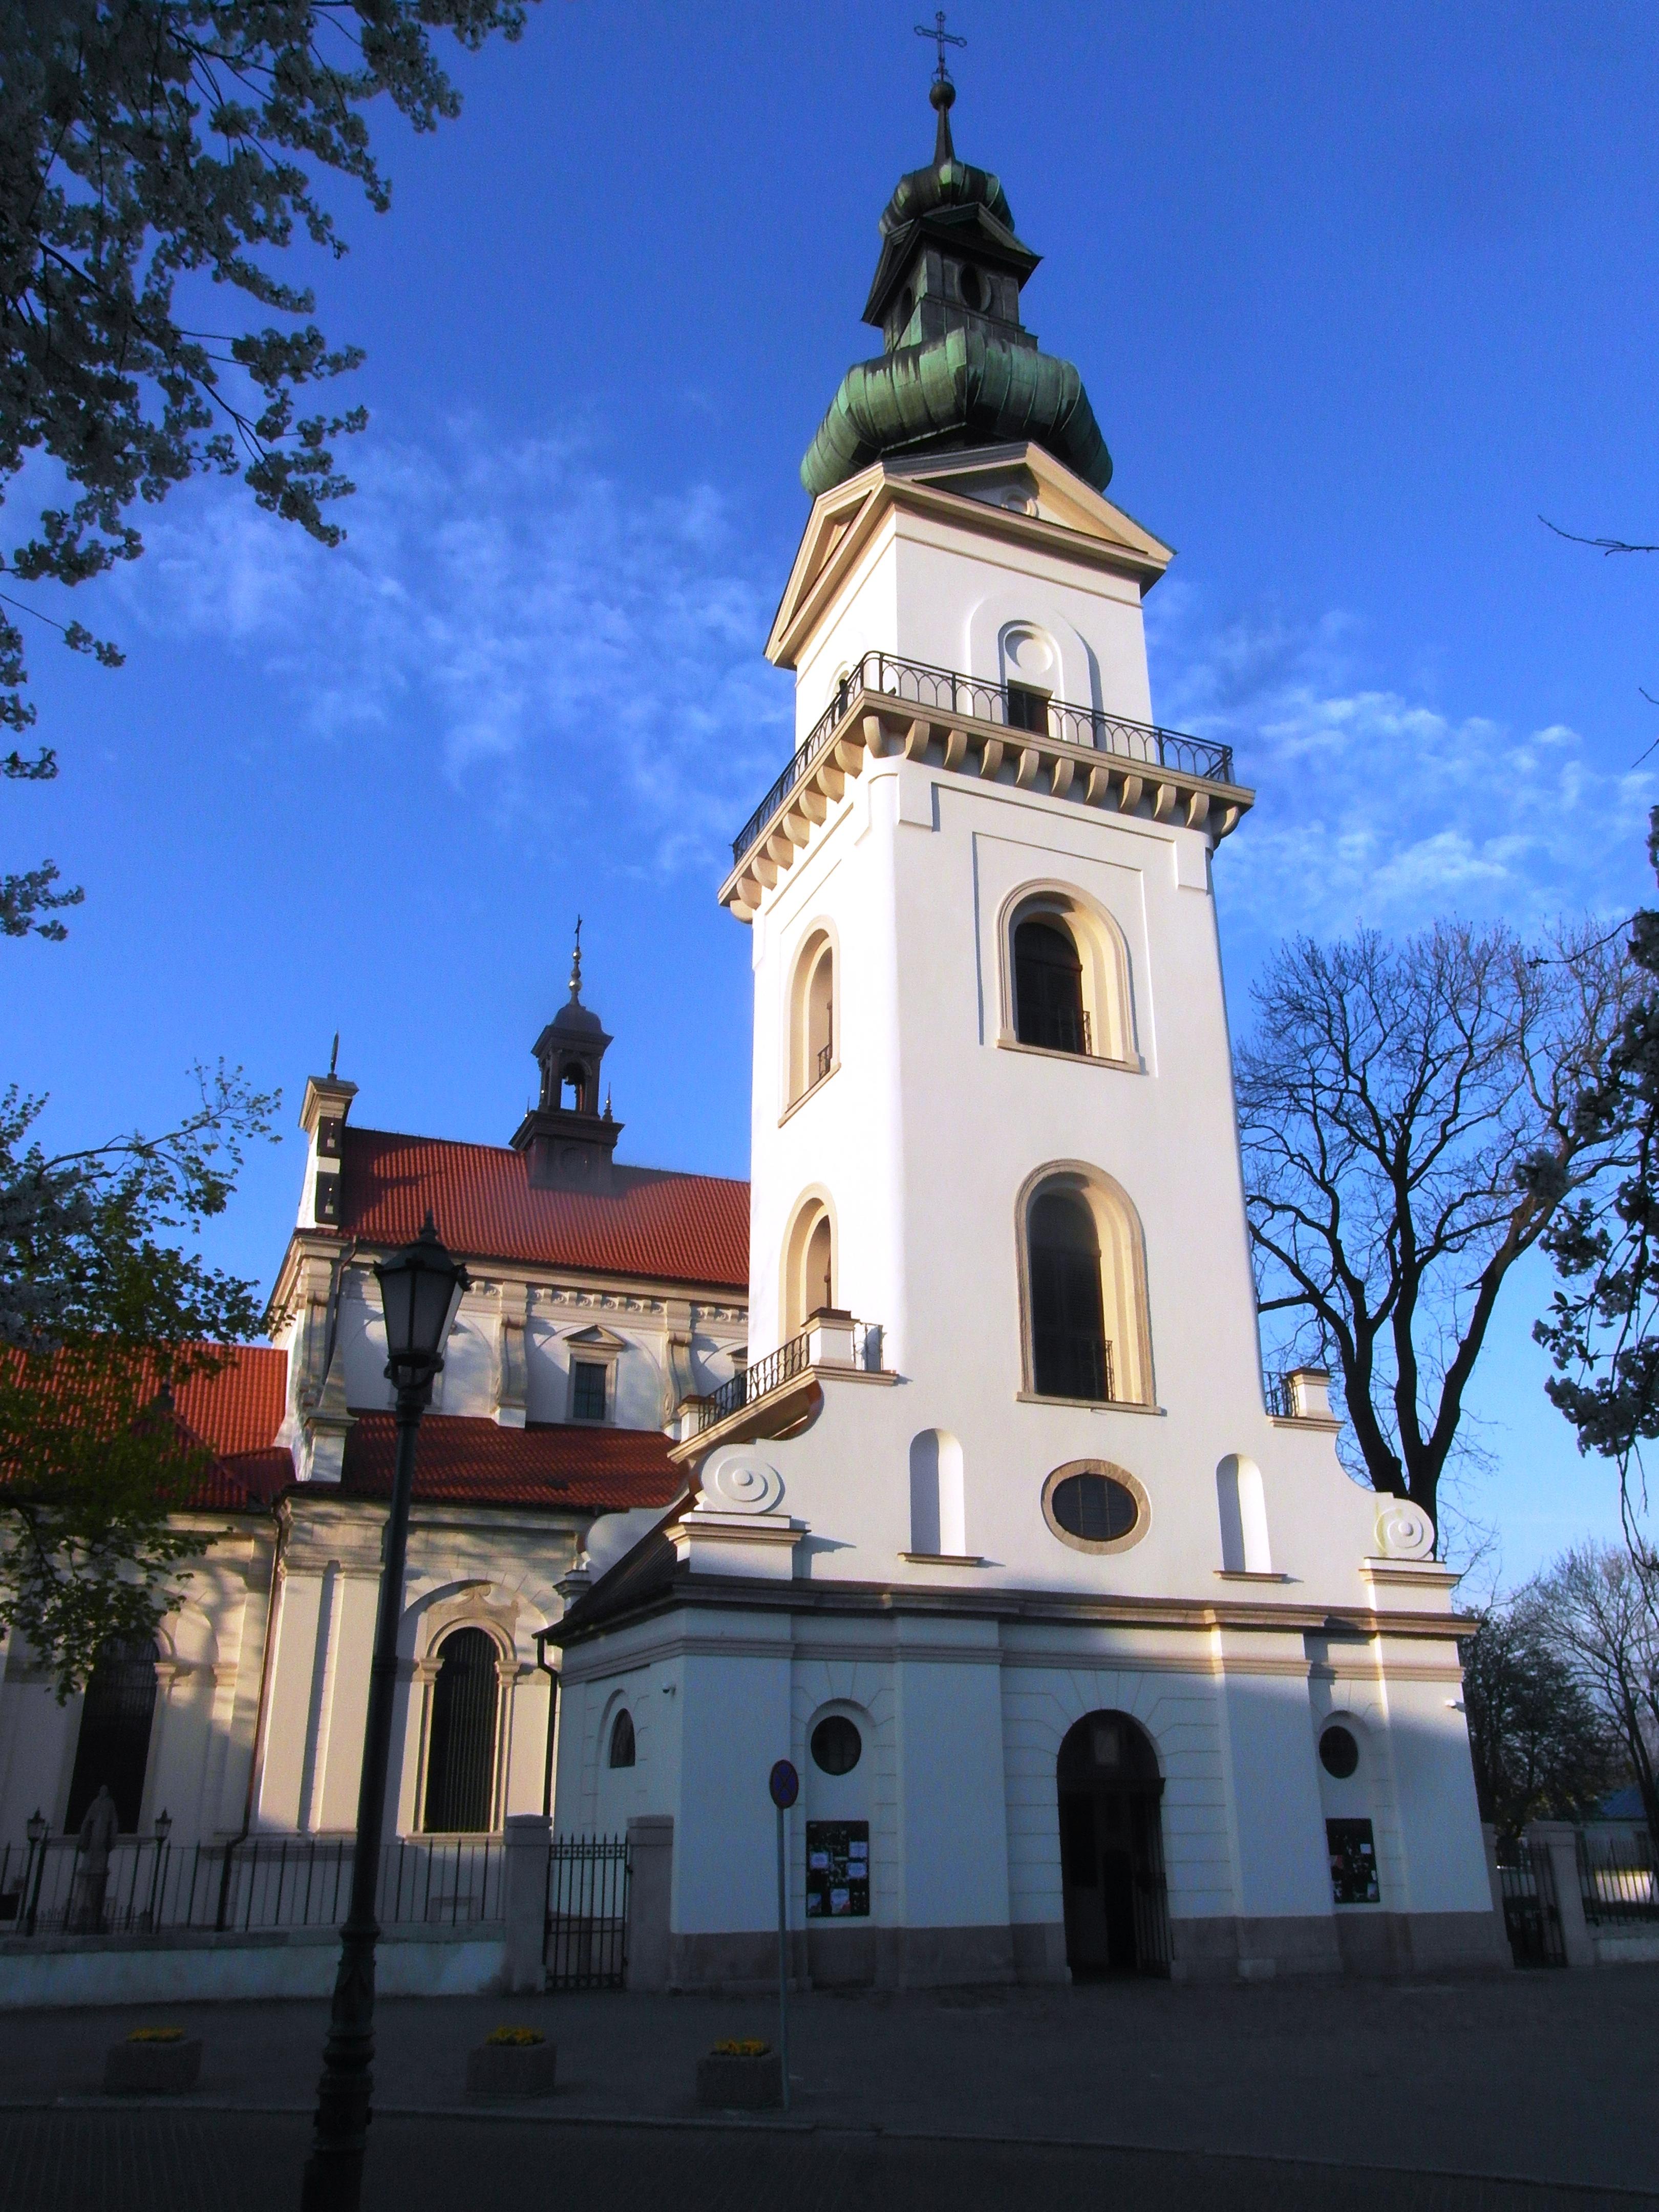 katedra wieża